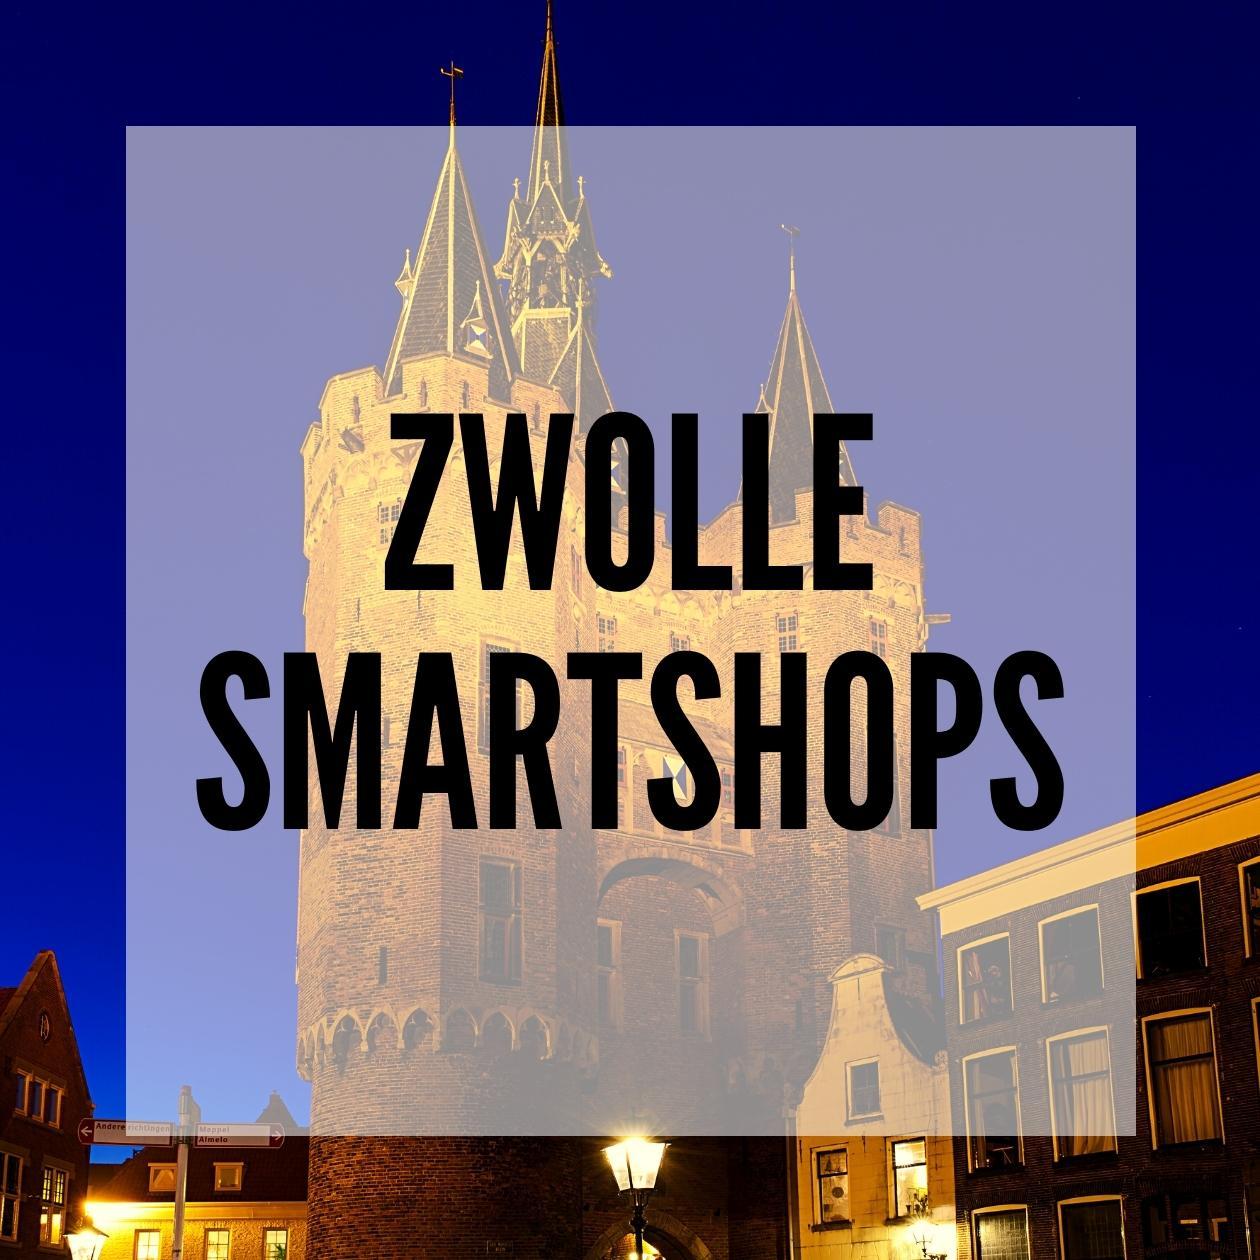 Zwolle Smartshop